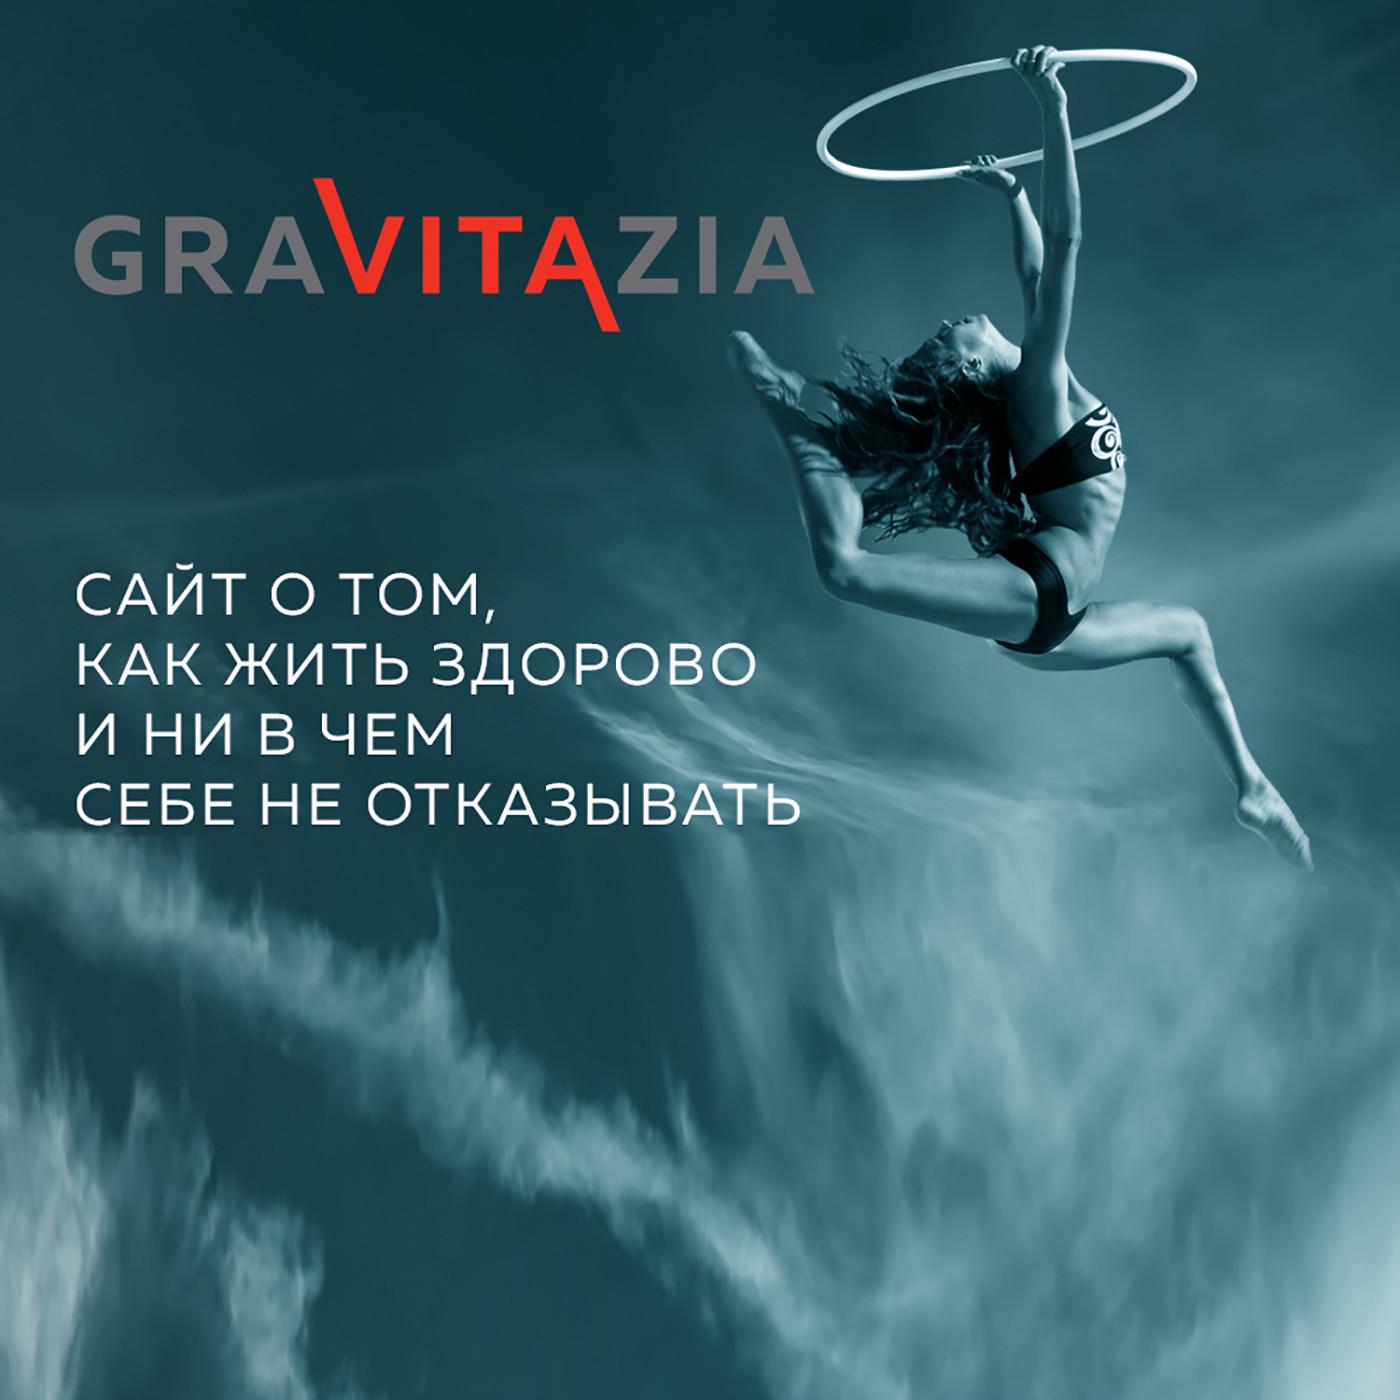 Gravitazia